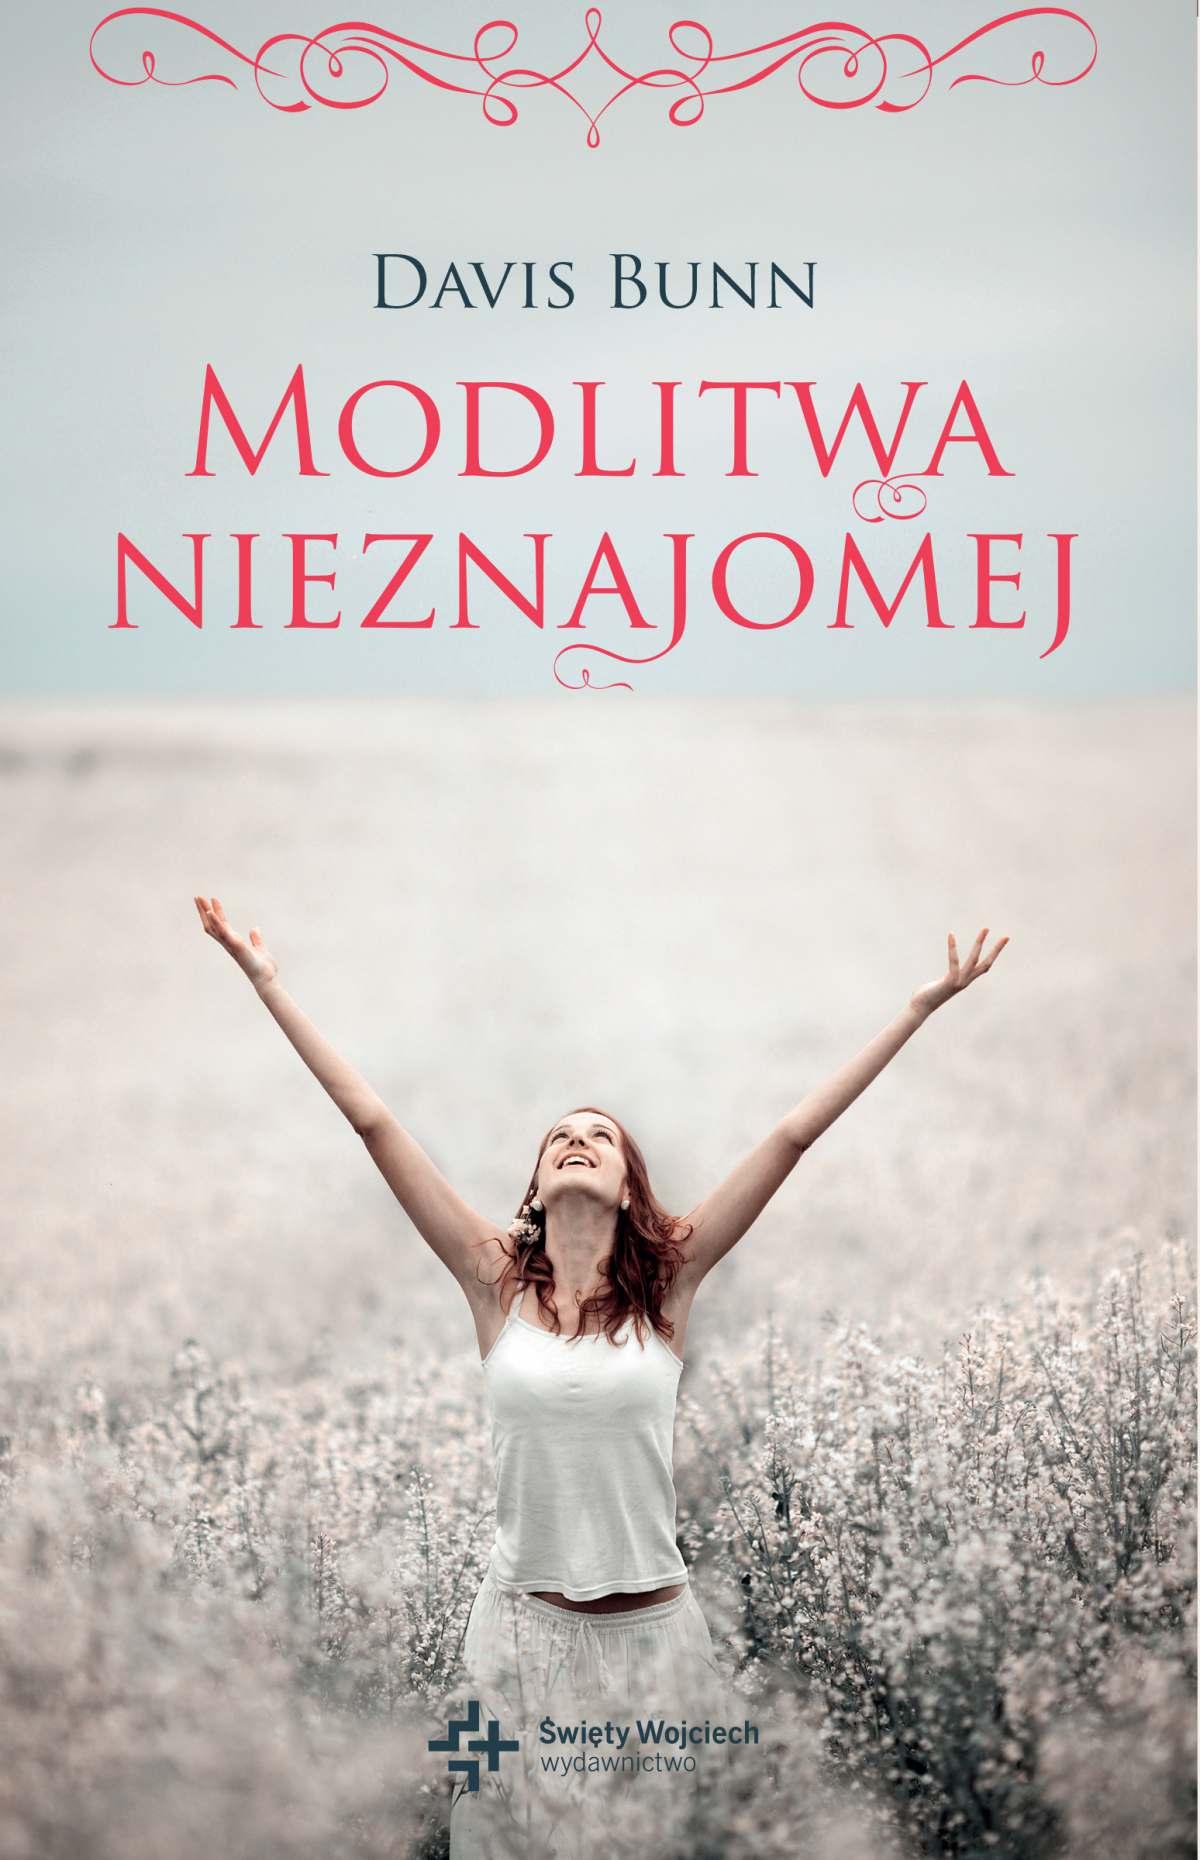 Modlitwa nieznajomej - Ebook (Książka na Kindle) do pobrania w formacie MOBI